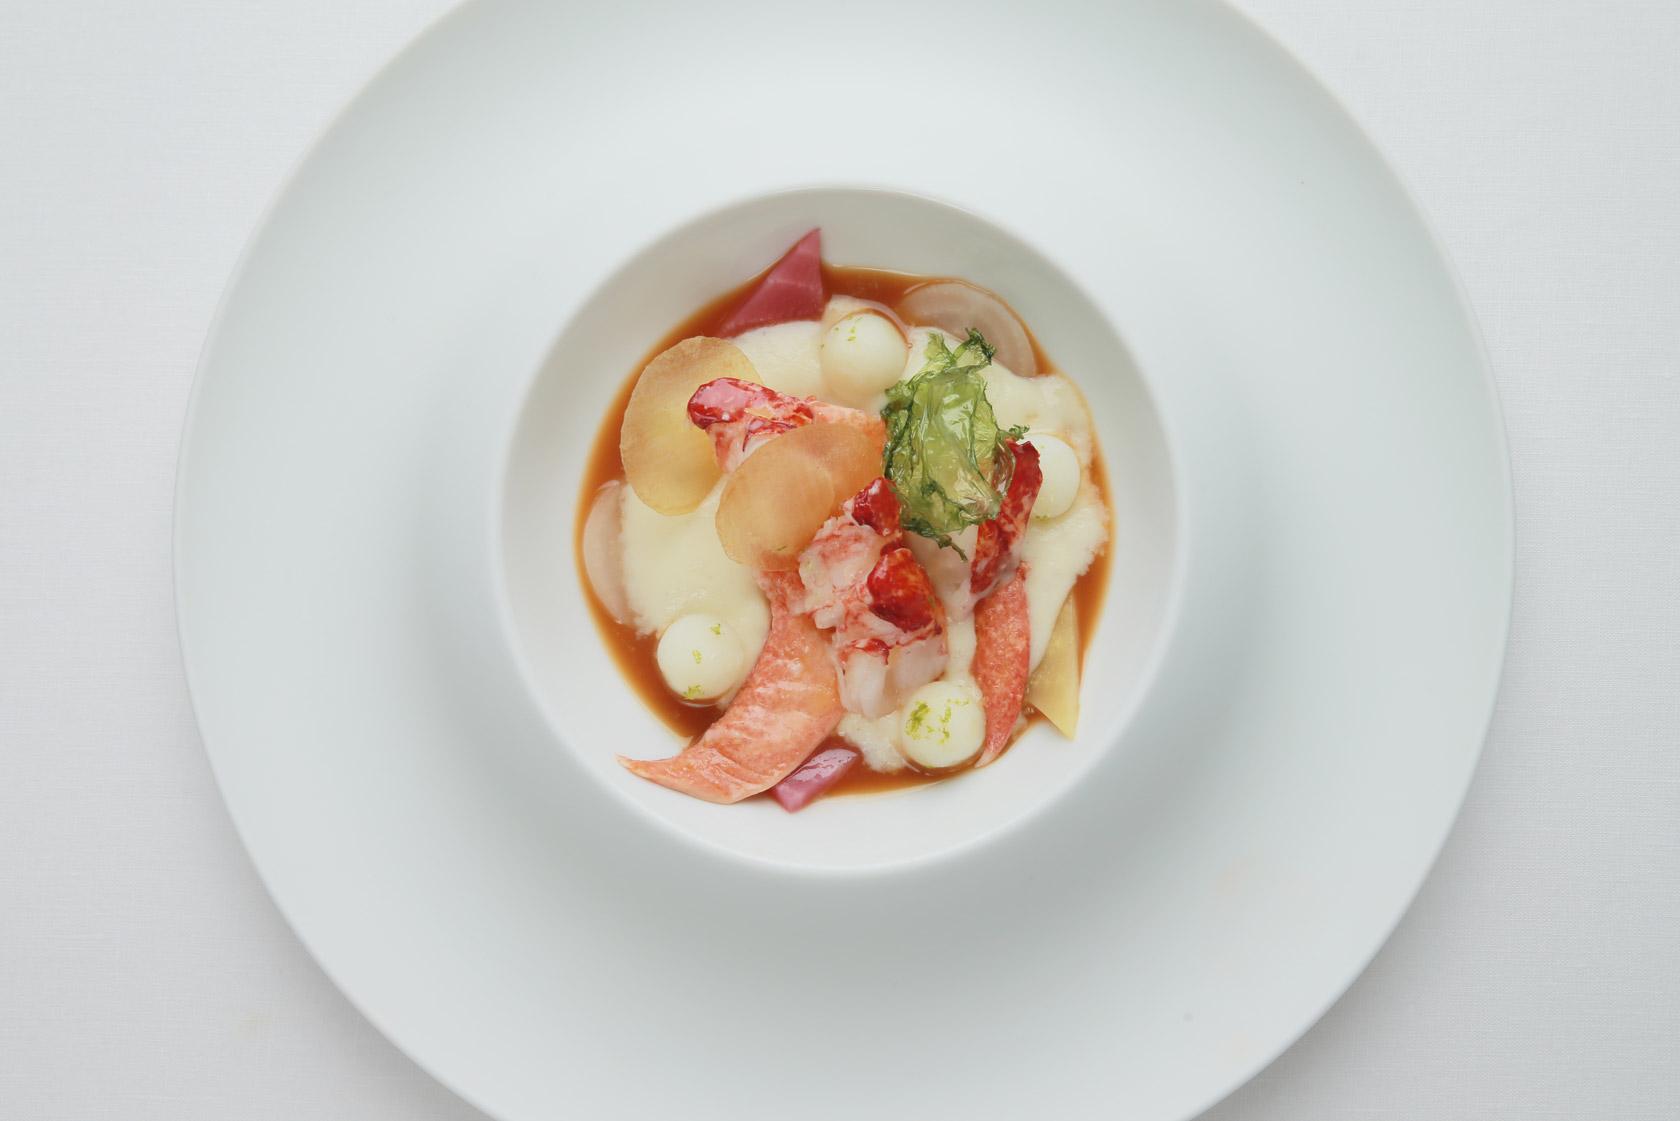 arnolfo_gaetano-trovato-chef-evoluzioni-contemporanee-2